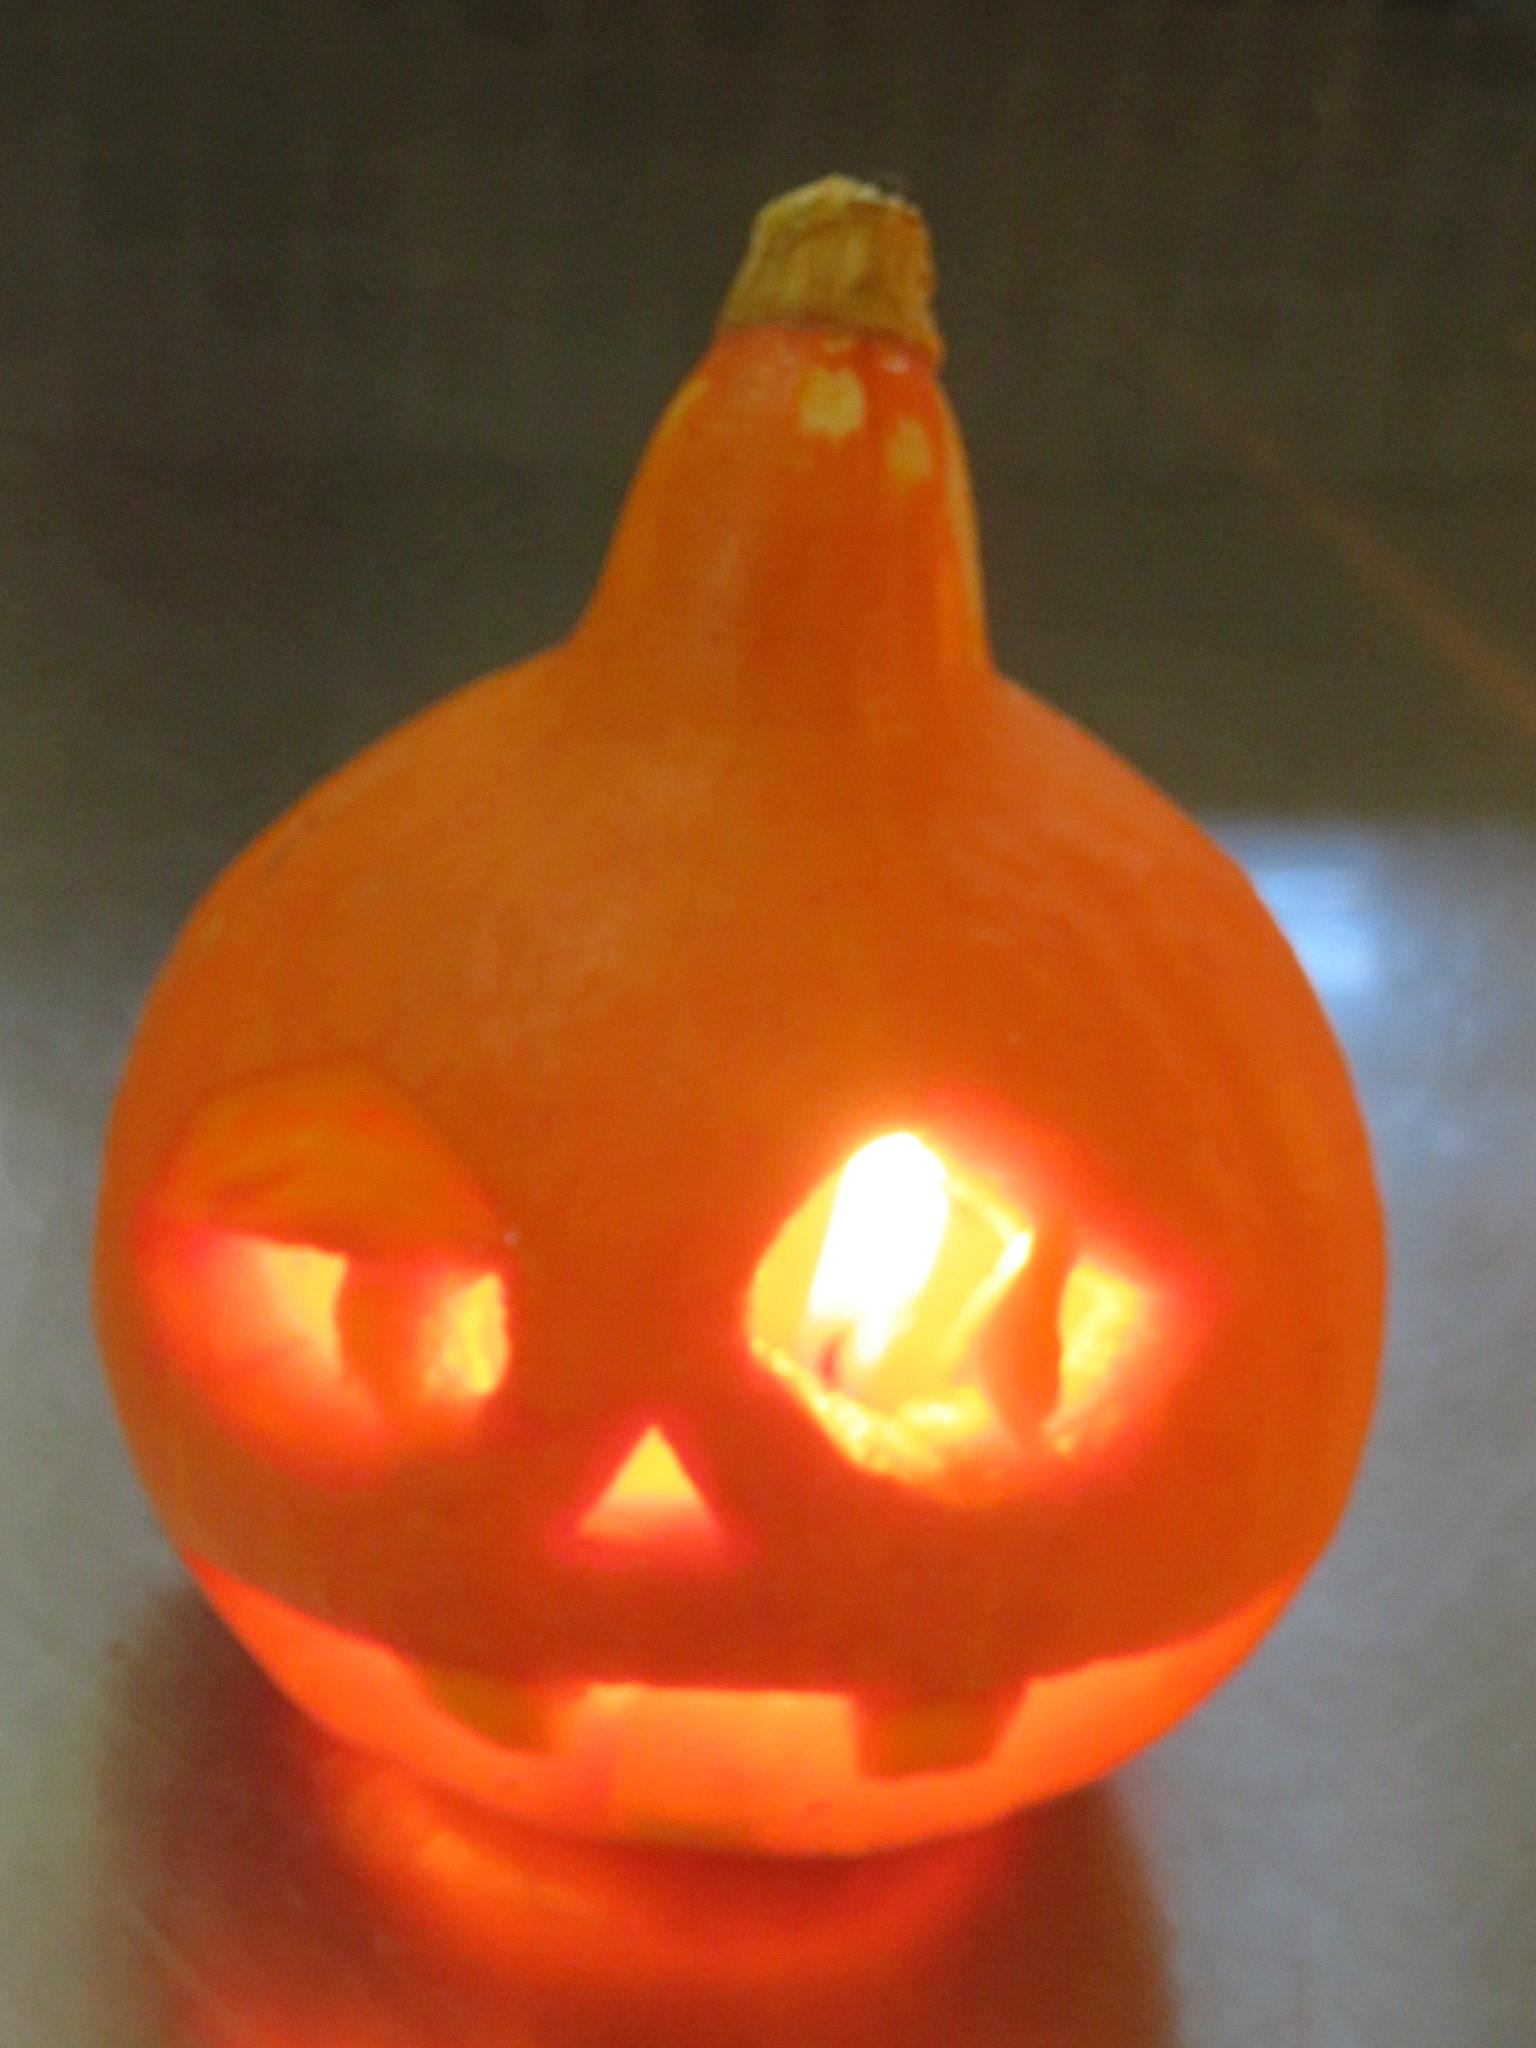 【イベント情報】かぼちゃランタン作り体験